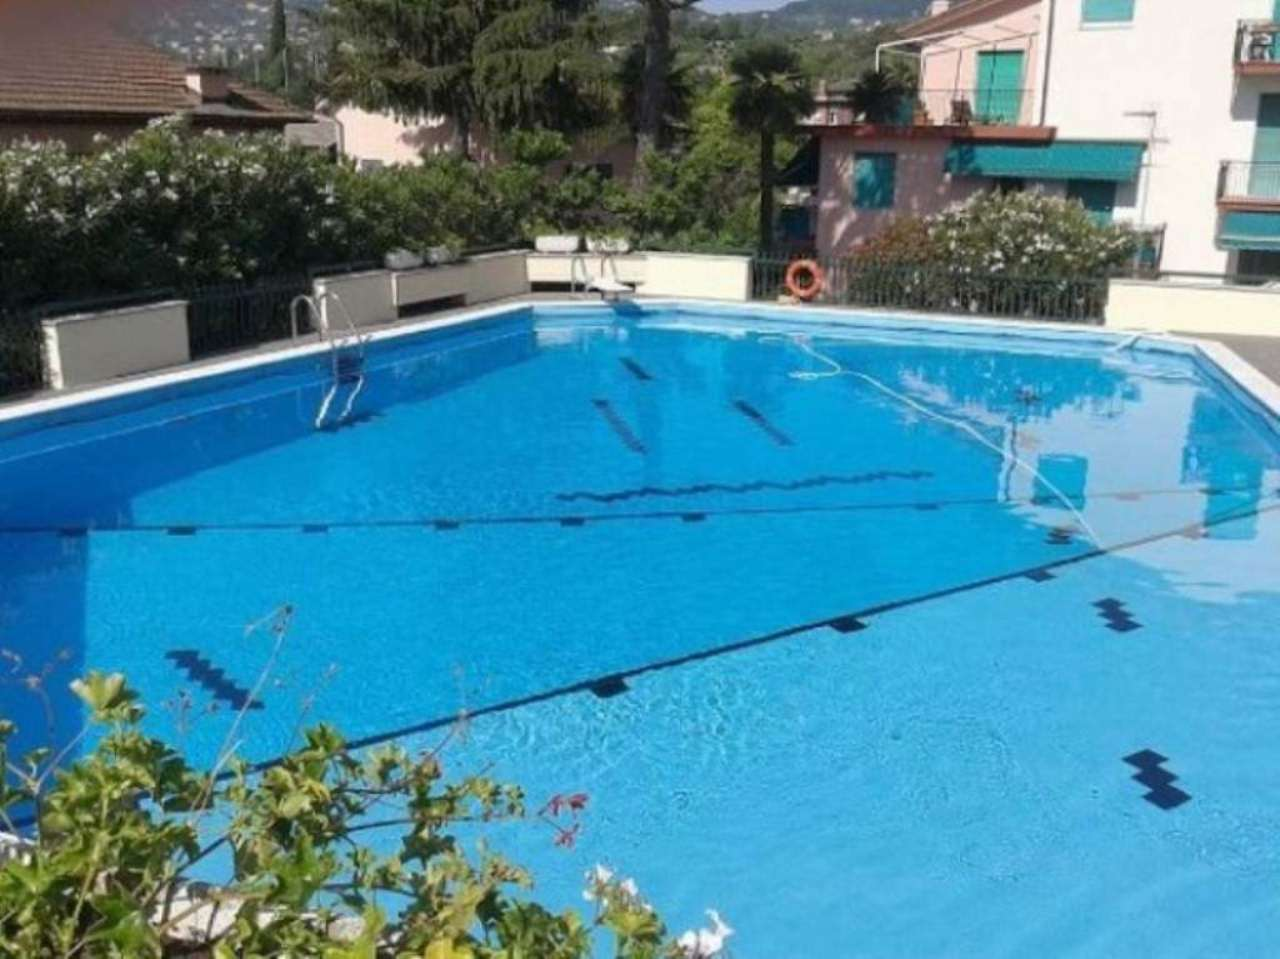 Attico / Mansarda in vendita a Rapallo, 6 locali, prezzo € 420.000 | Cambio Casa.it